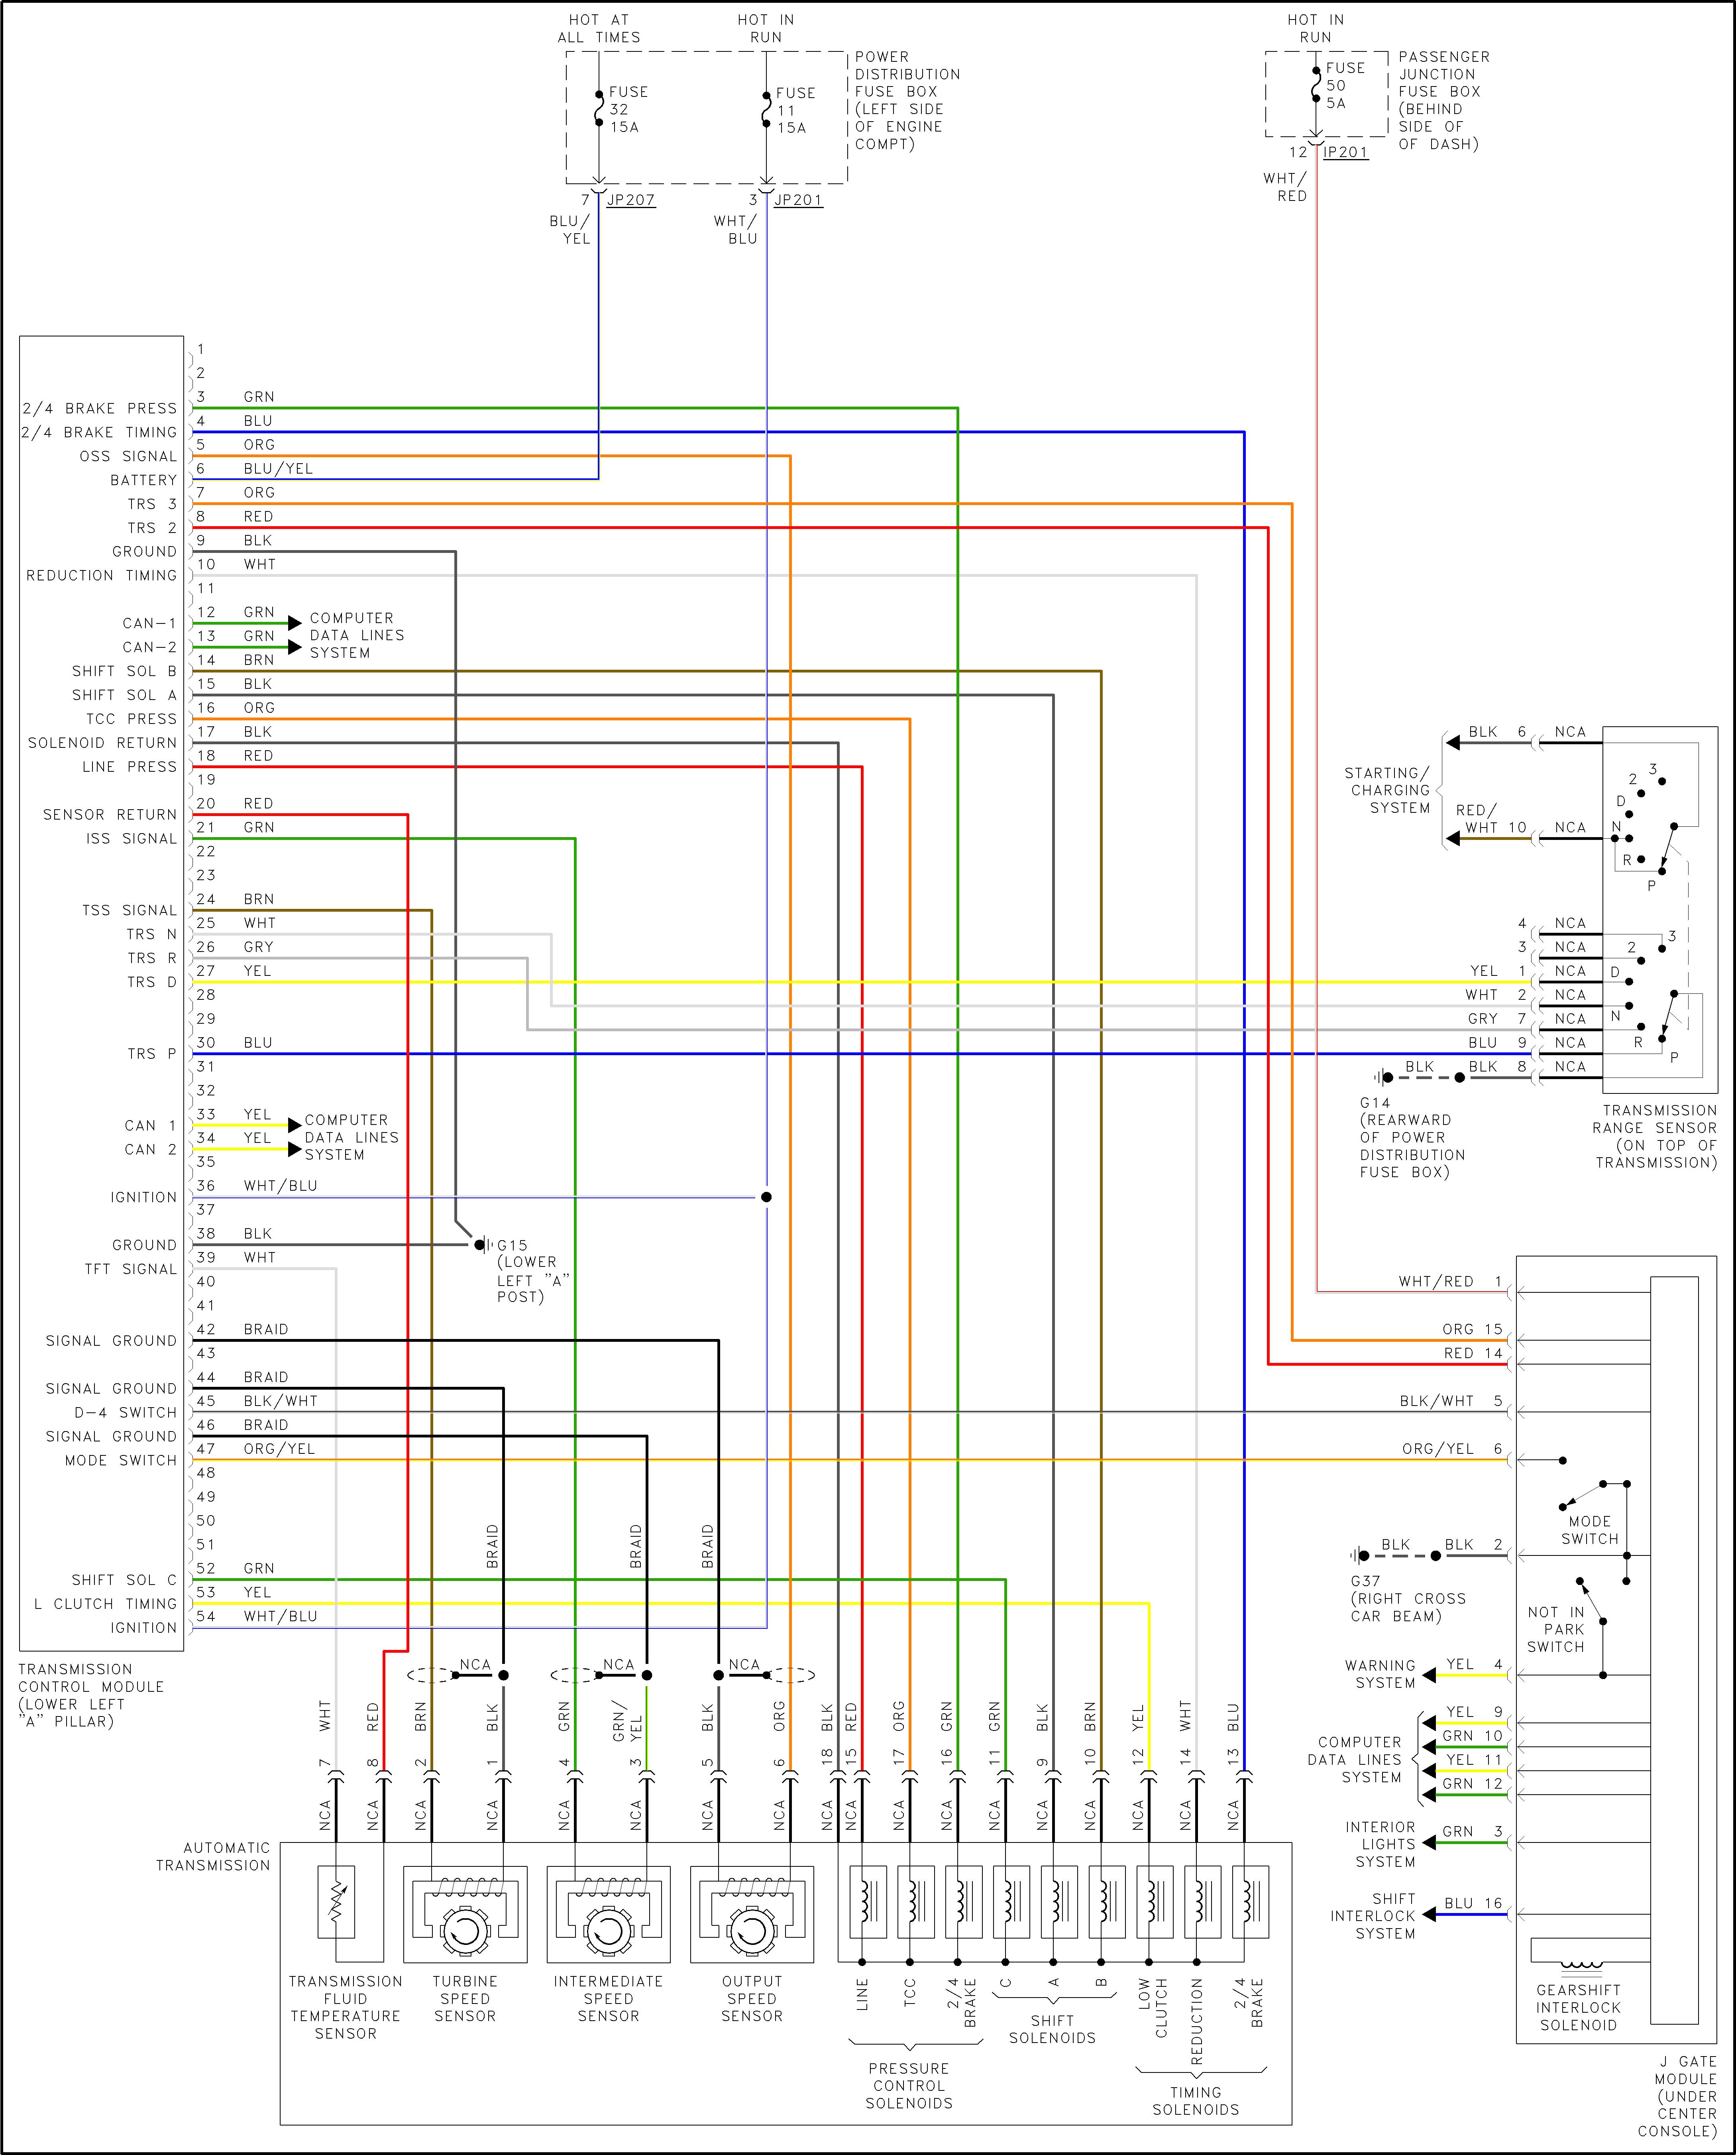 1b9c3182-de9c-40aa-95ba-6f1eb9063609_transmission control module.png